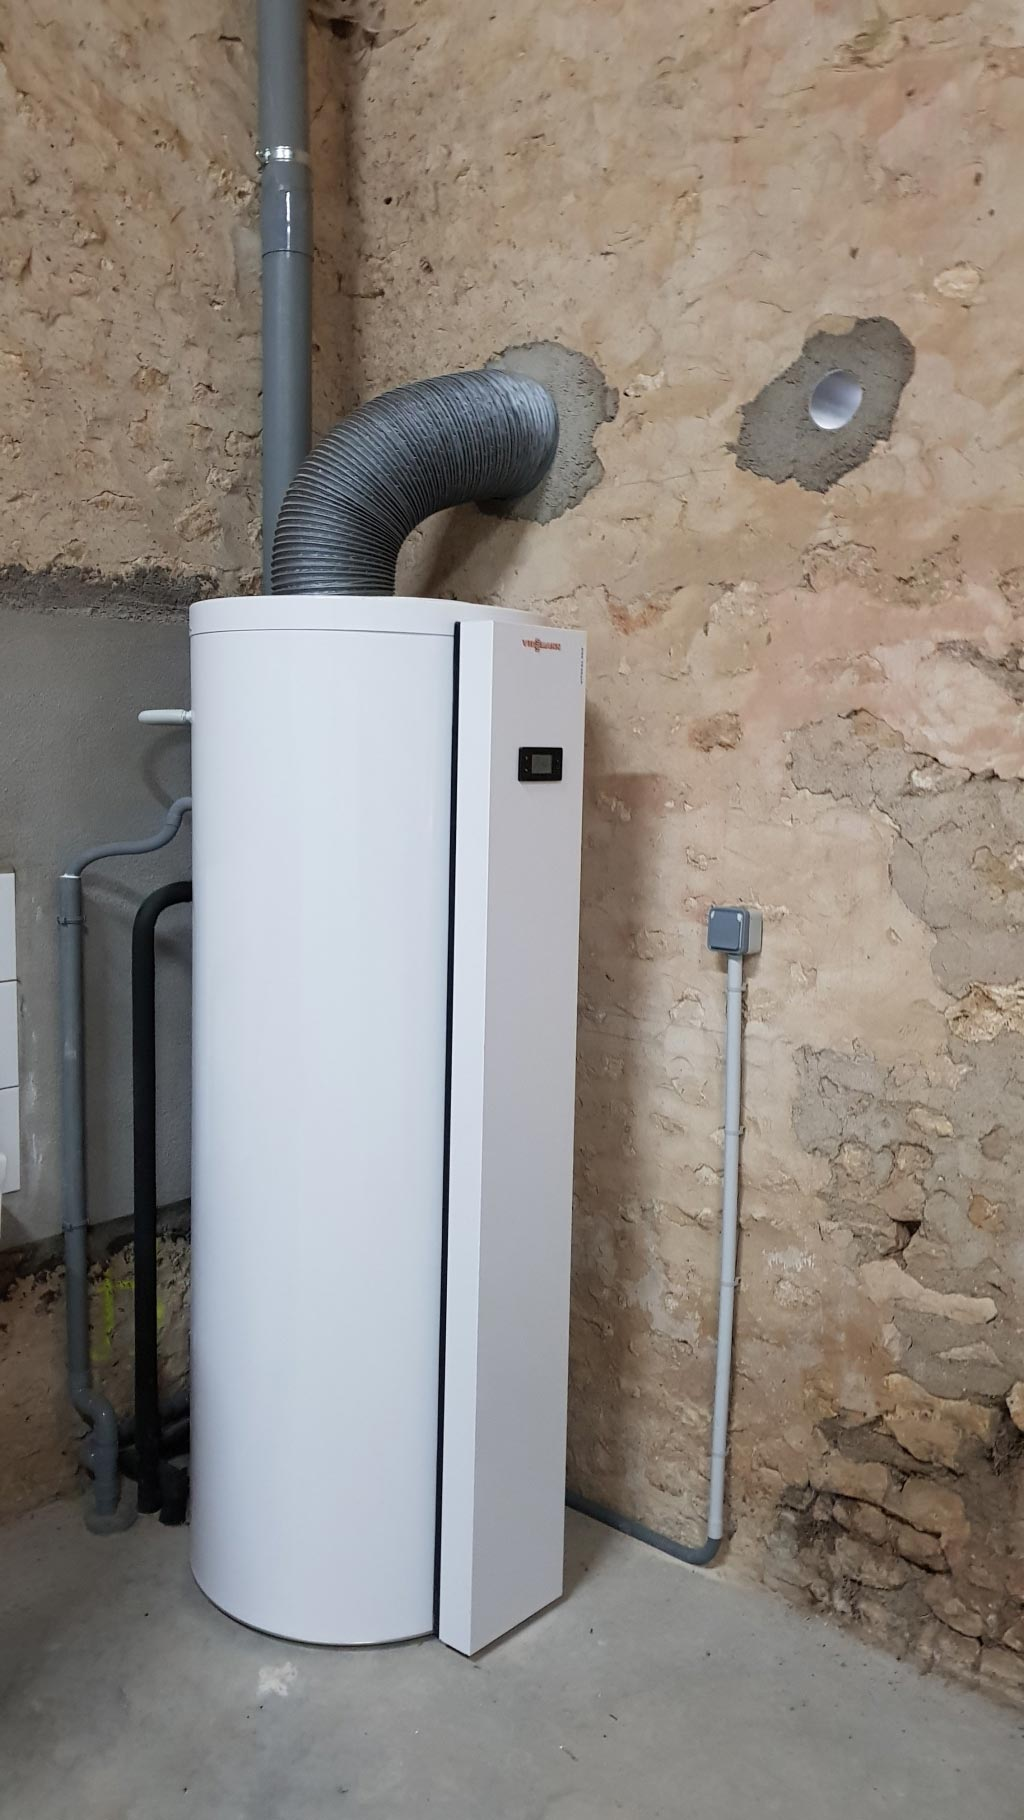 Installation d'un préparateur d'eau chaude thermodynamique Viessmann à Coudray 45330 LE MALESHERBOIS